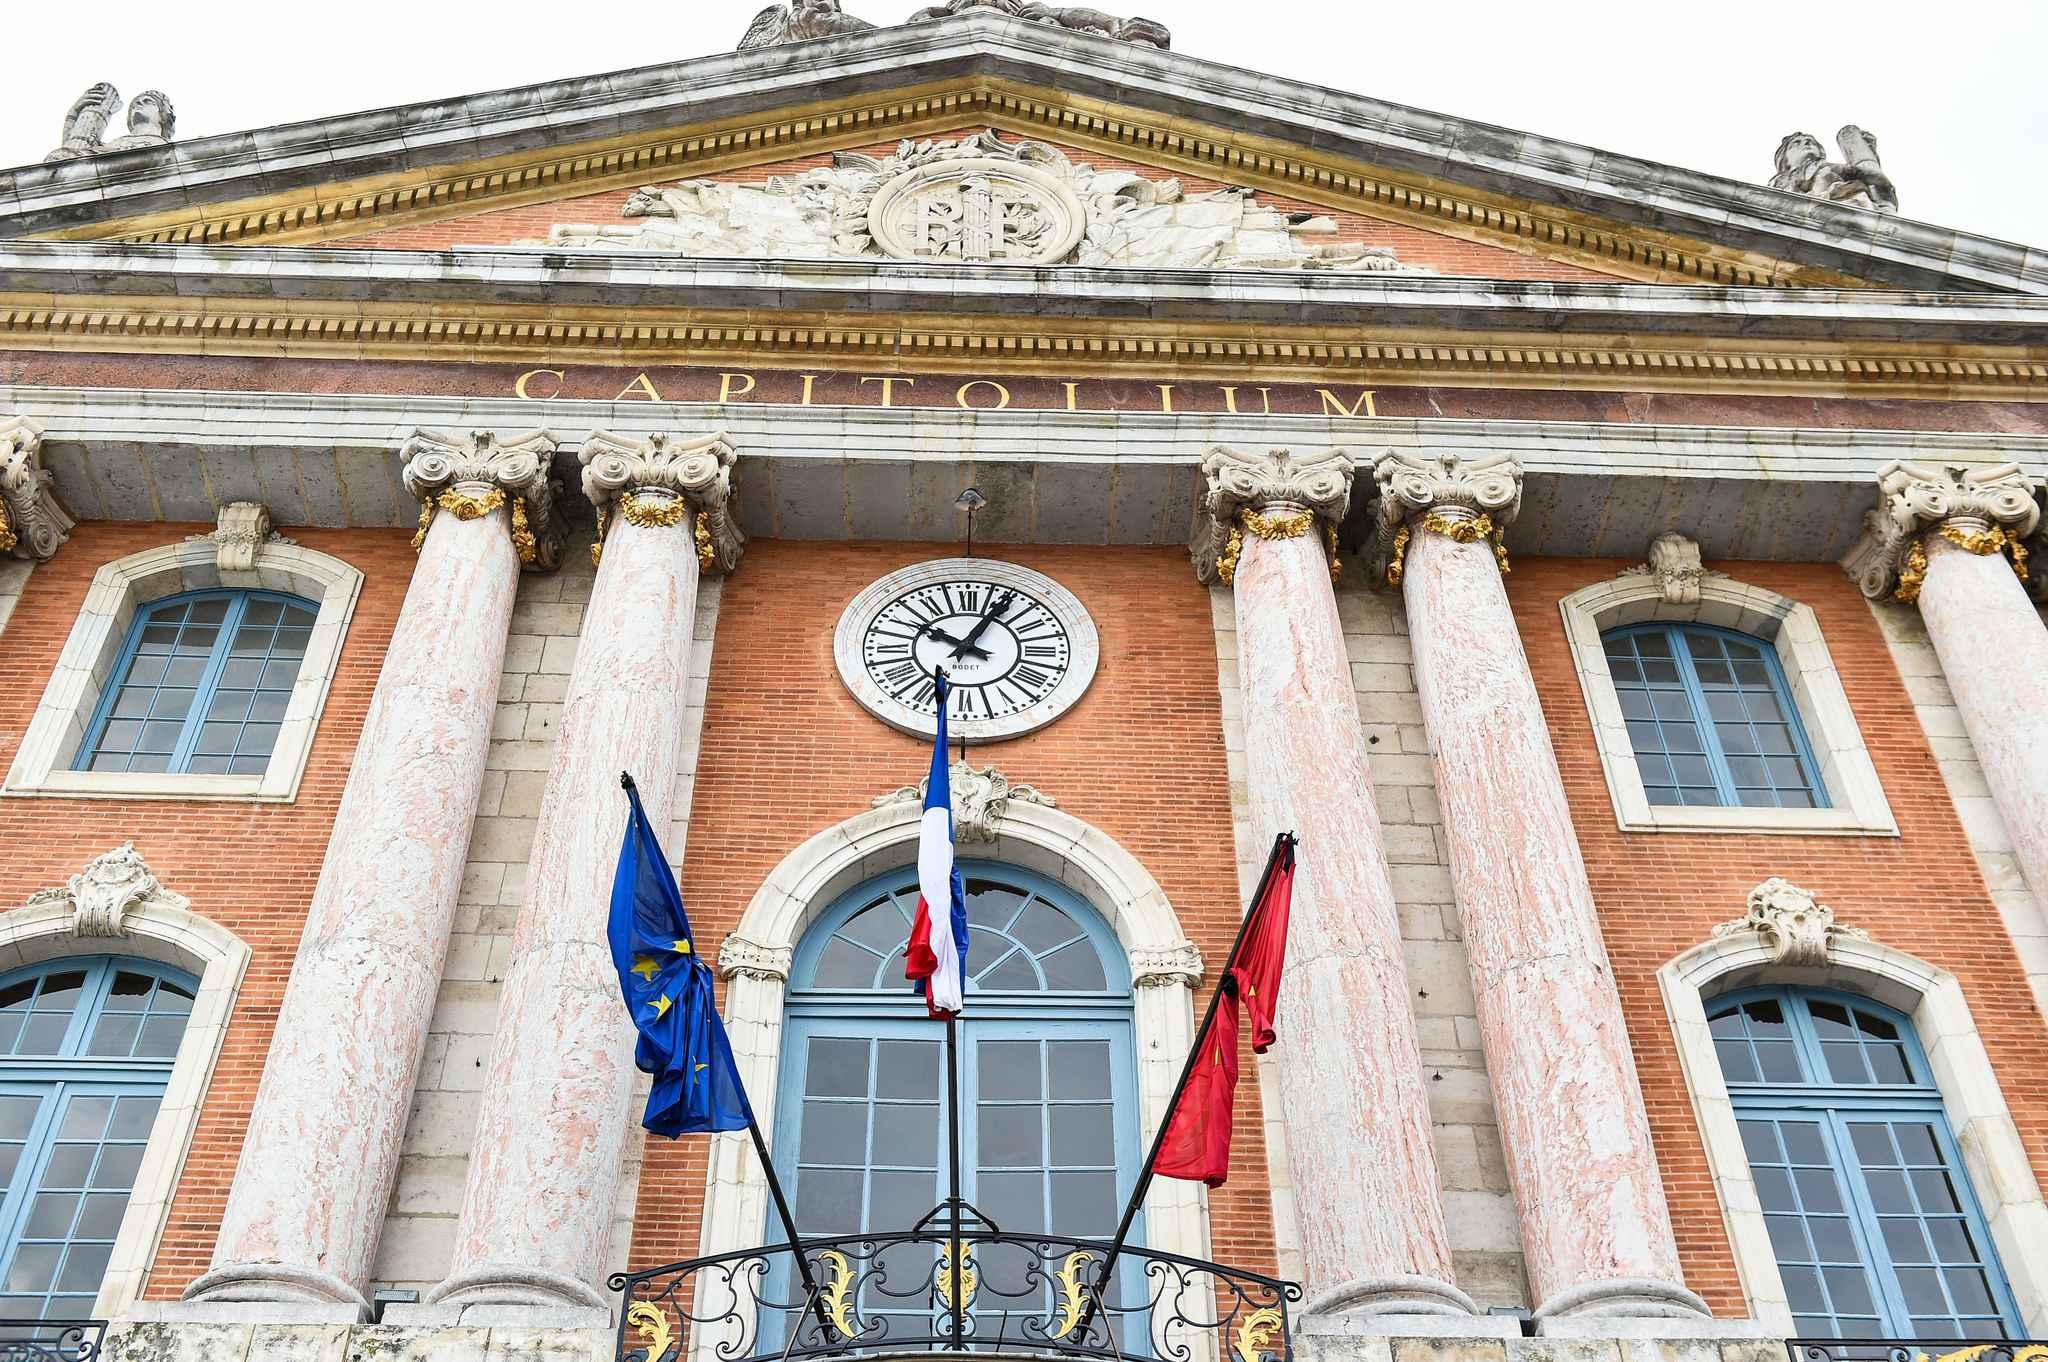 Toulouse: La façade du Capitole illuminée en bleu-blanc-rouge